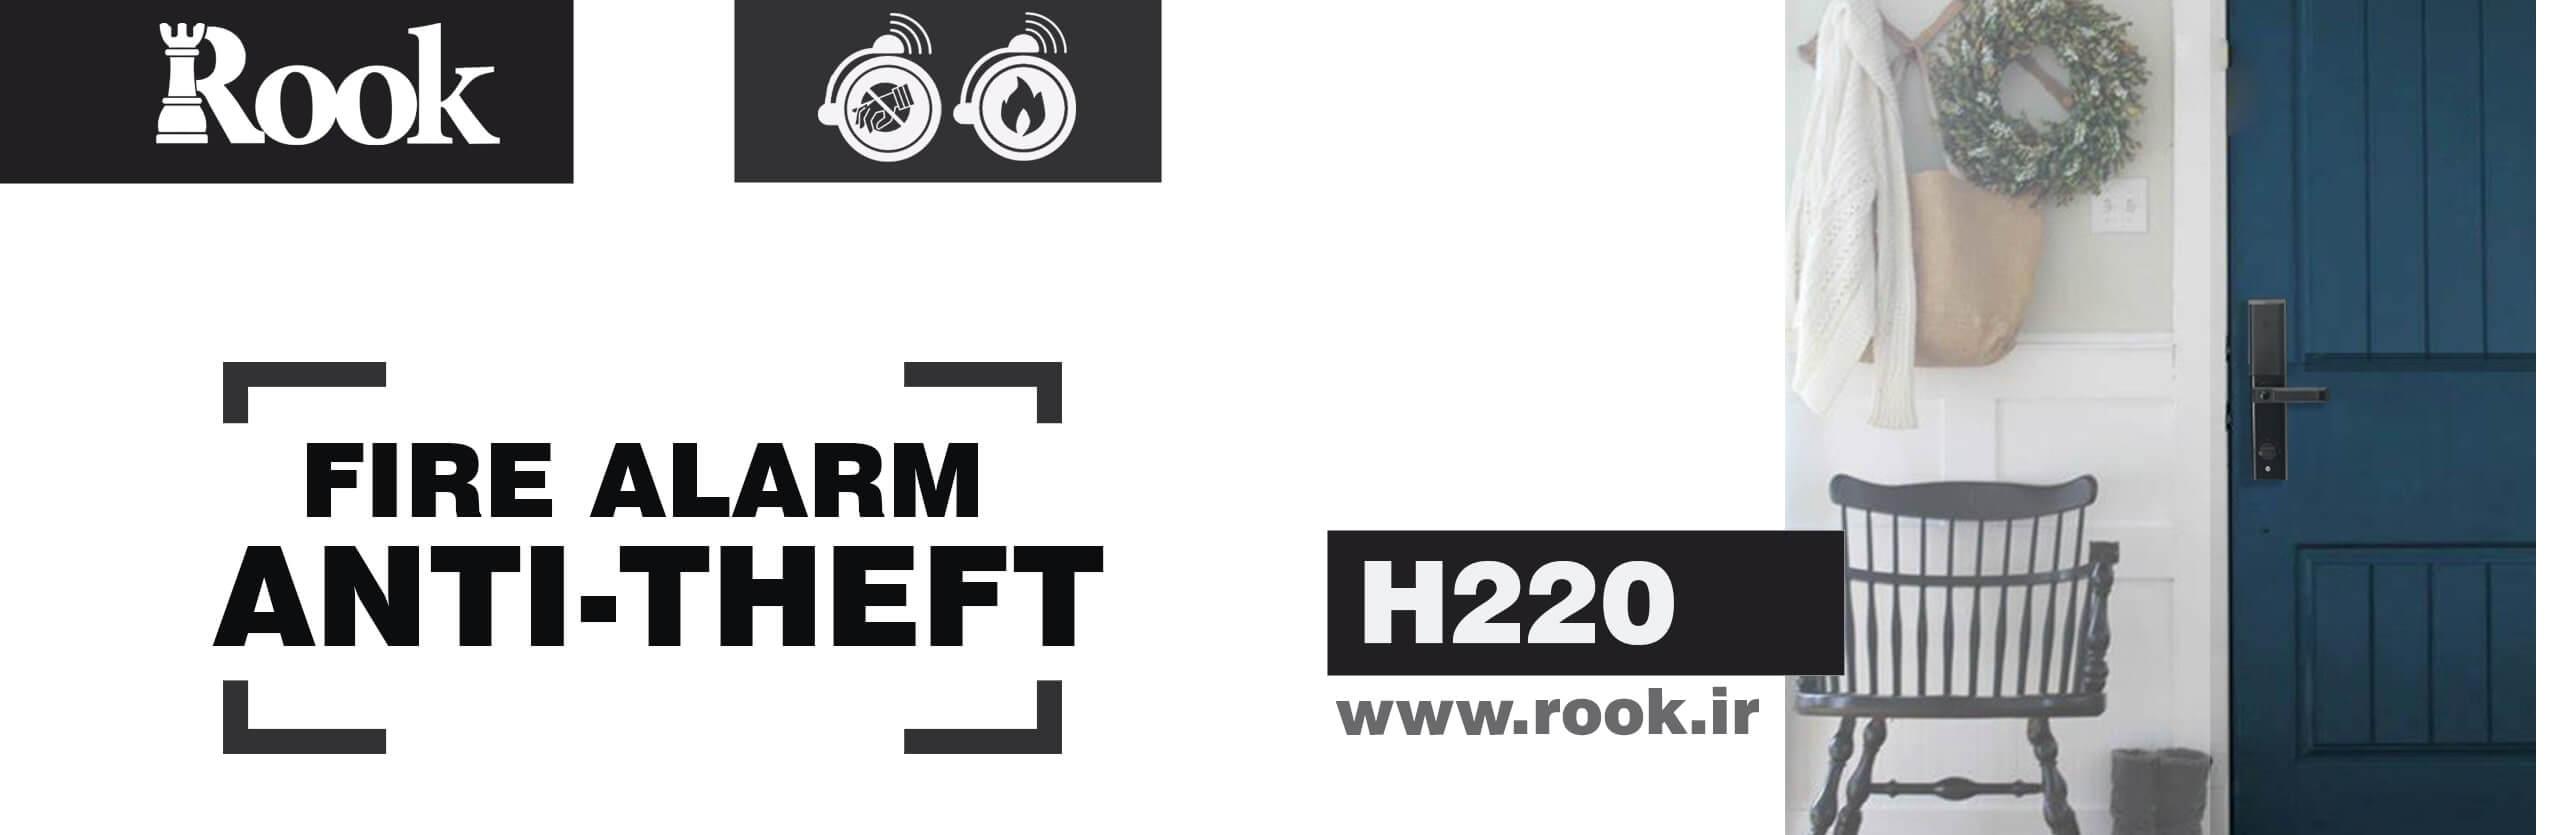 قفل-دیجیتال-روک-h220